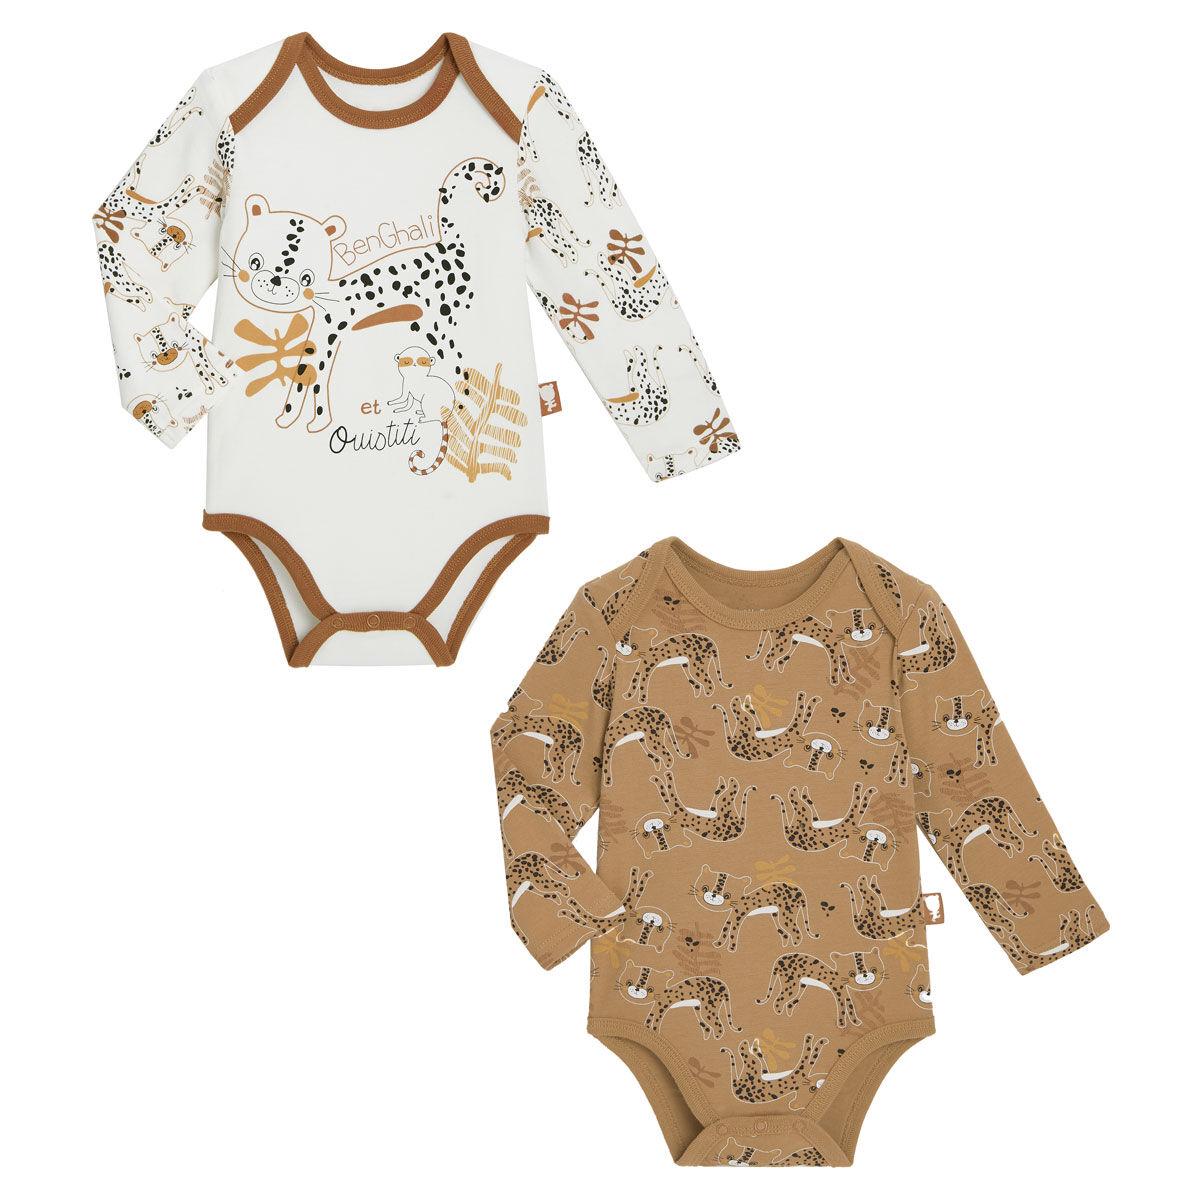 Petit Béguin Lot de 2 bodies bébé garçon manches longues Benghali - Taille - 6 mois